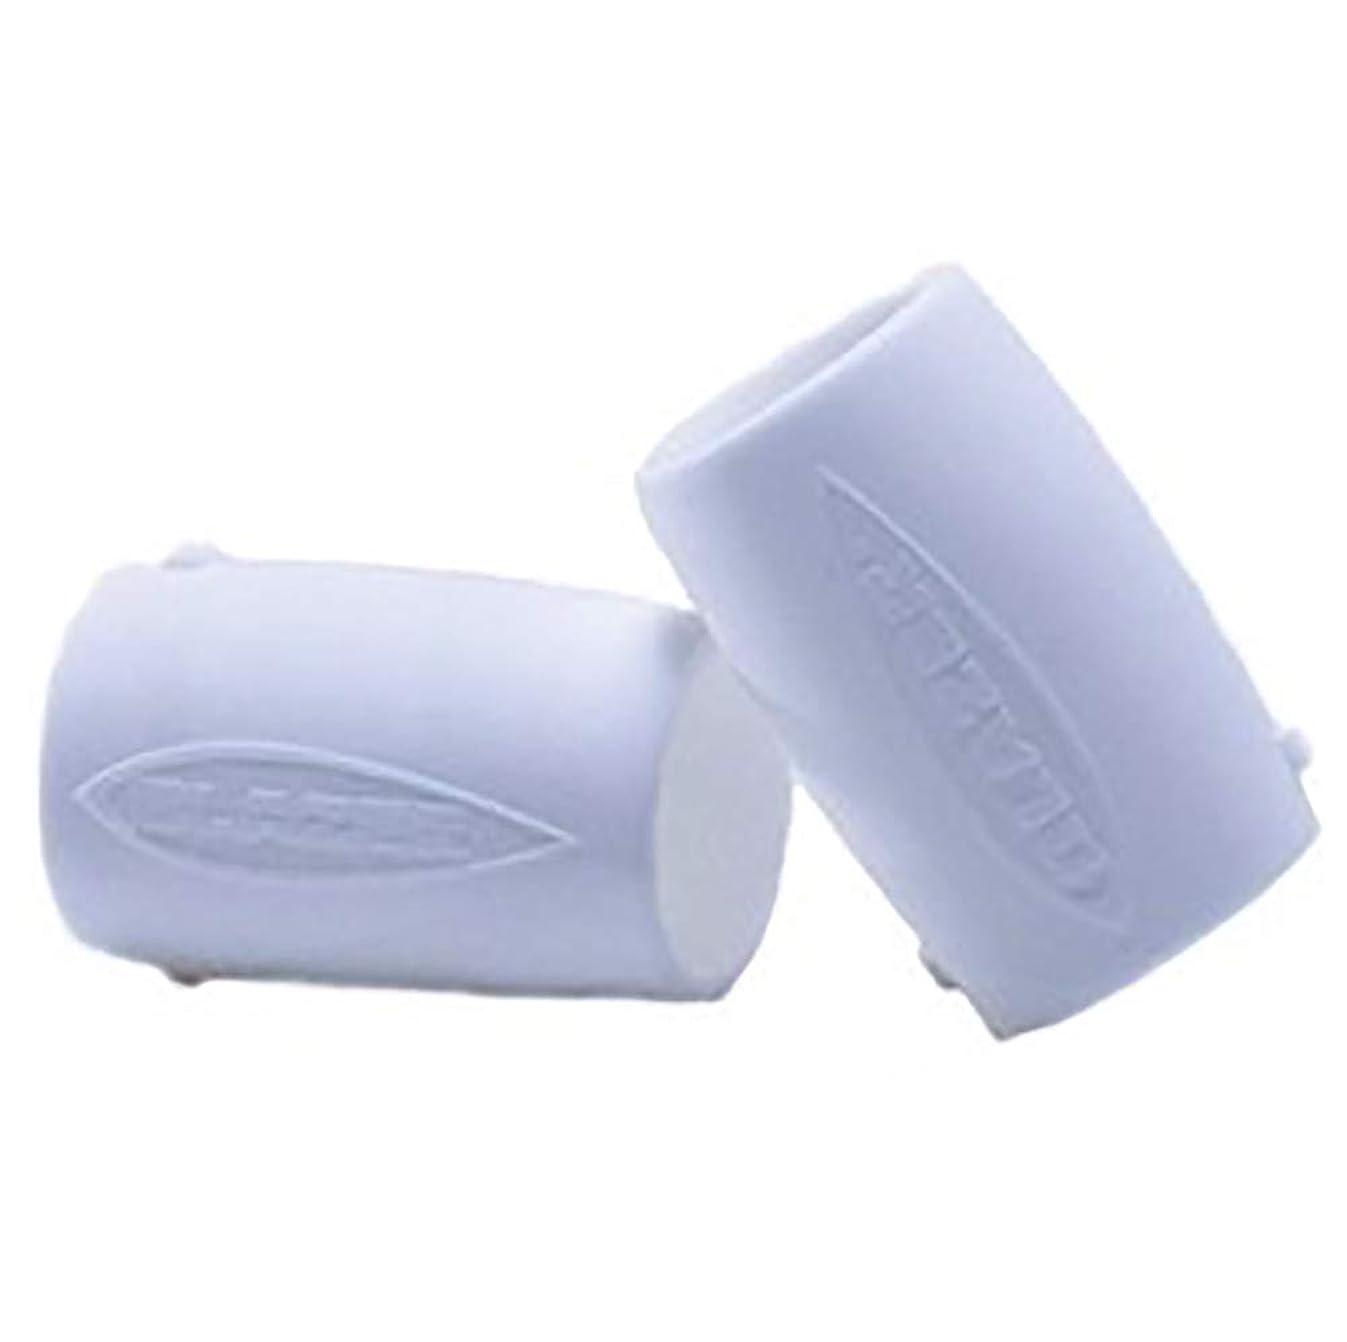 Blazer - Silicone Nozzle Guard - (2, White)